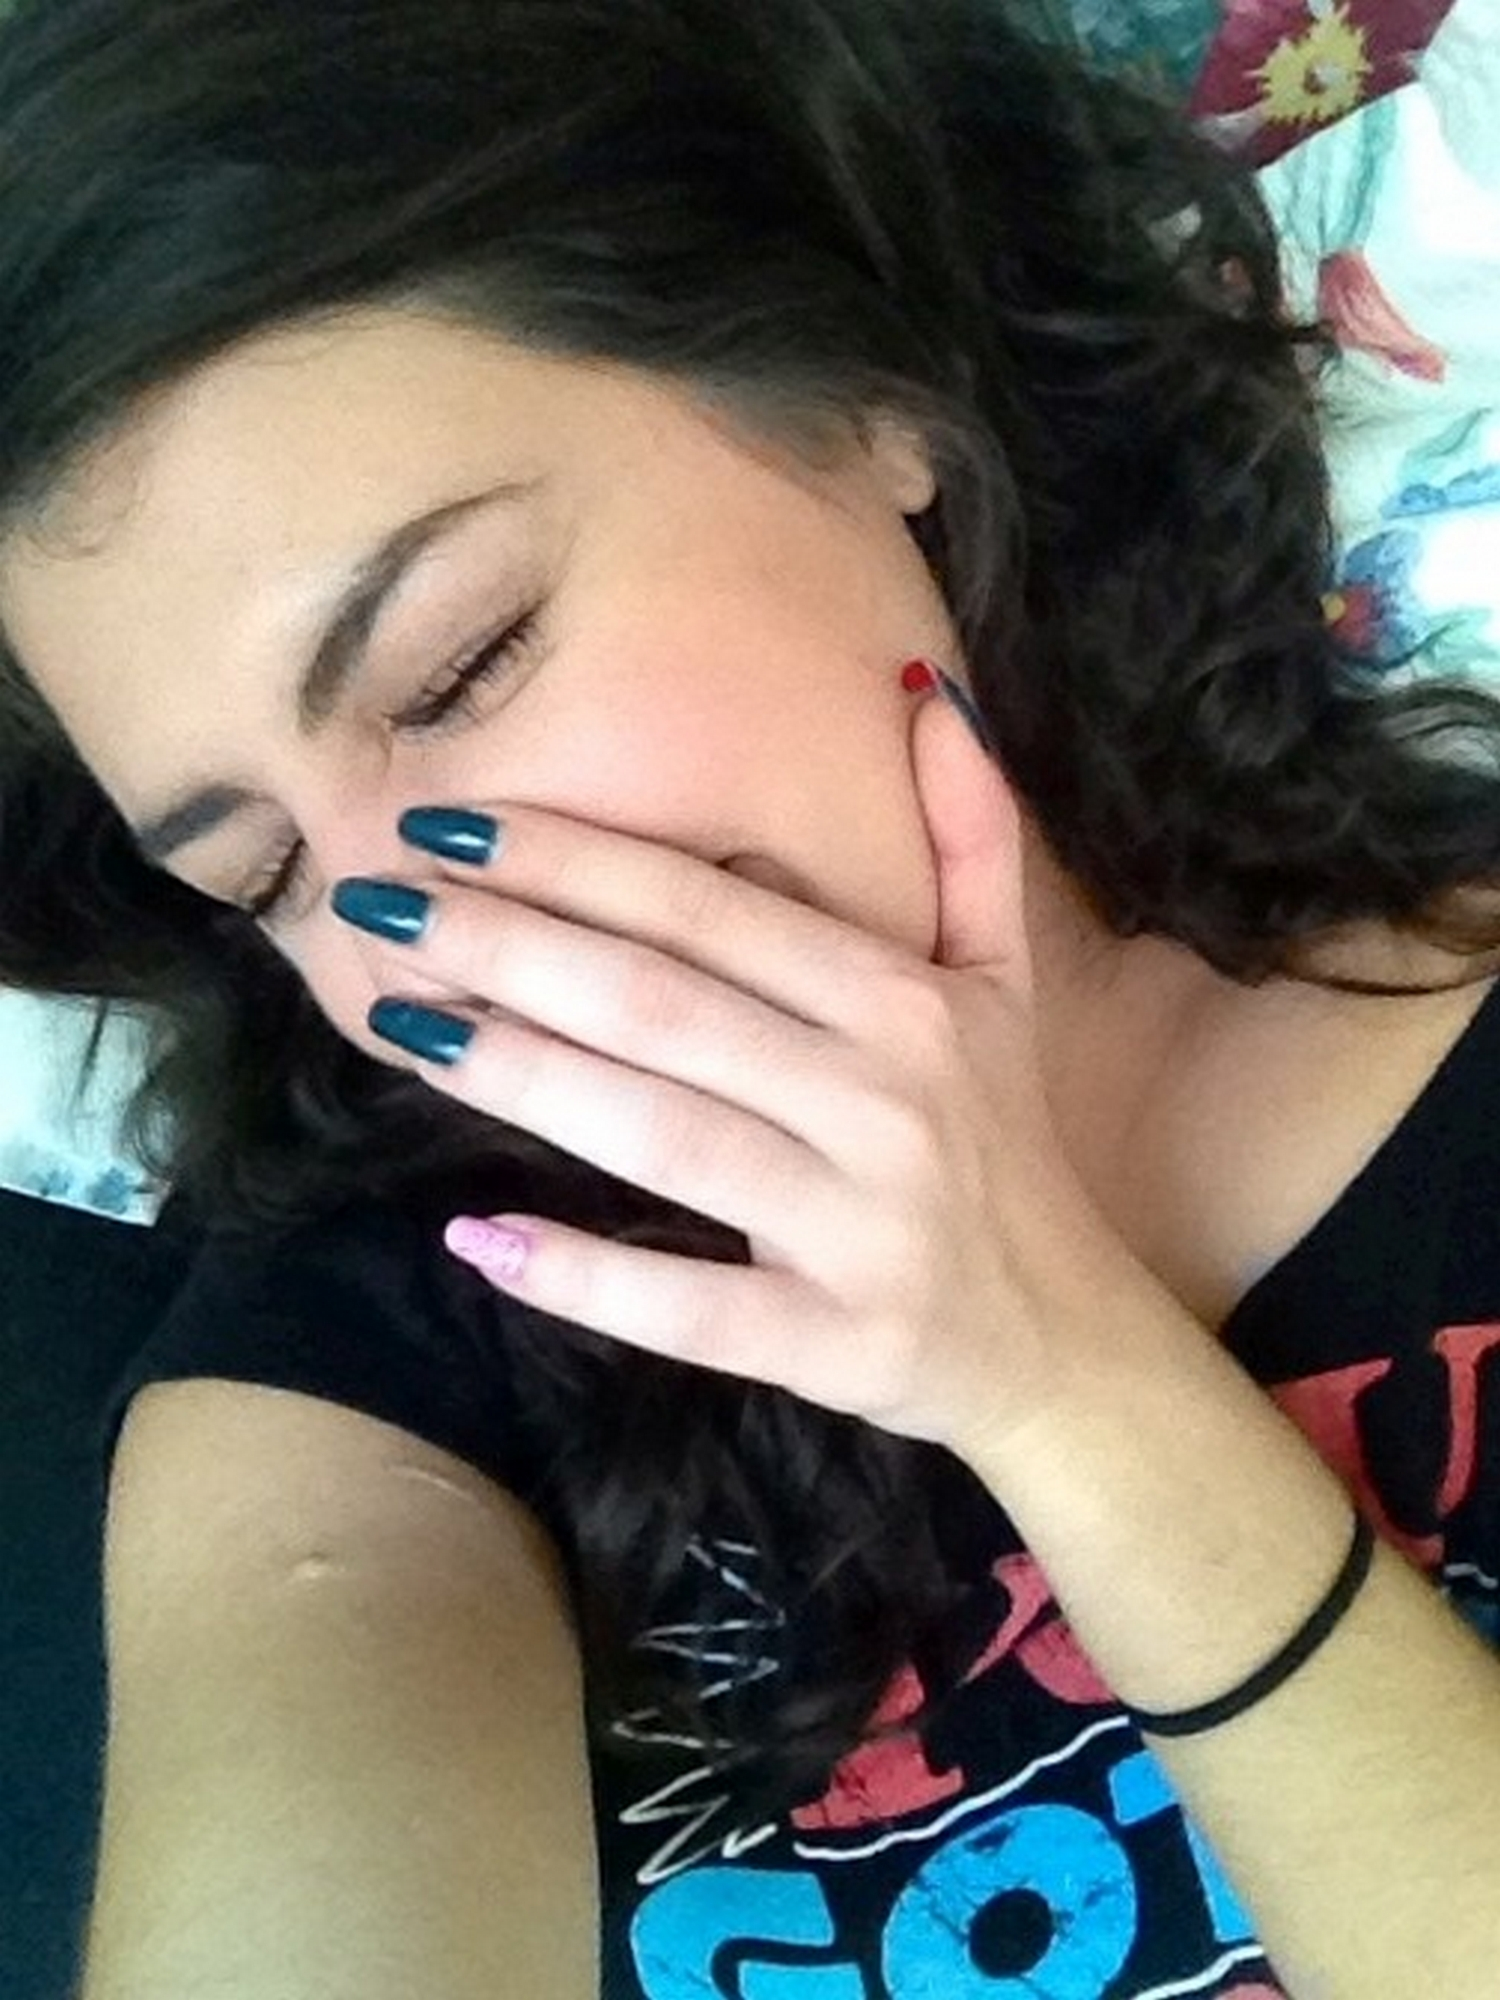 Темненькая девушка мнет титьки пальцами и показывает нагую жопу смотреть эротику